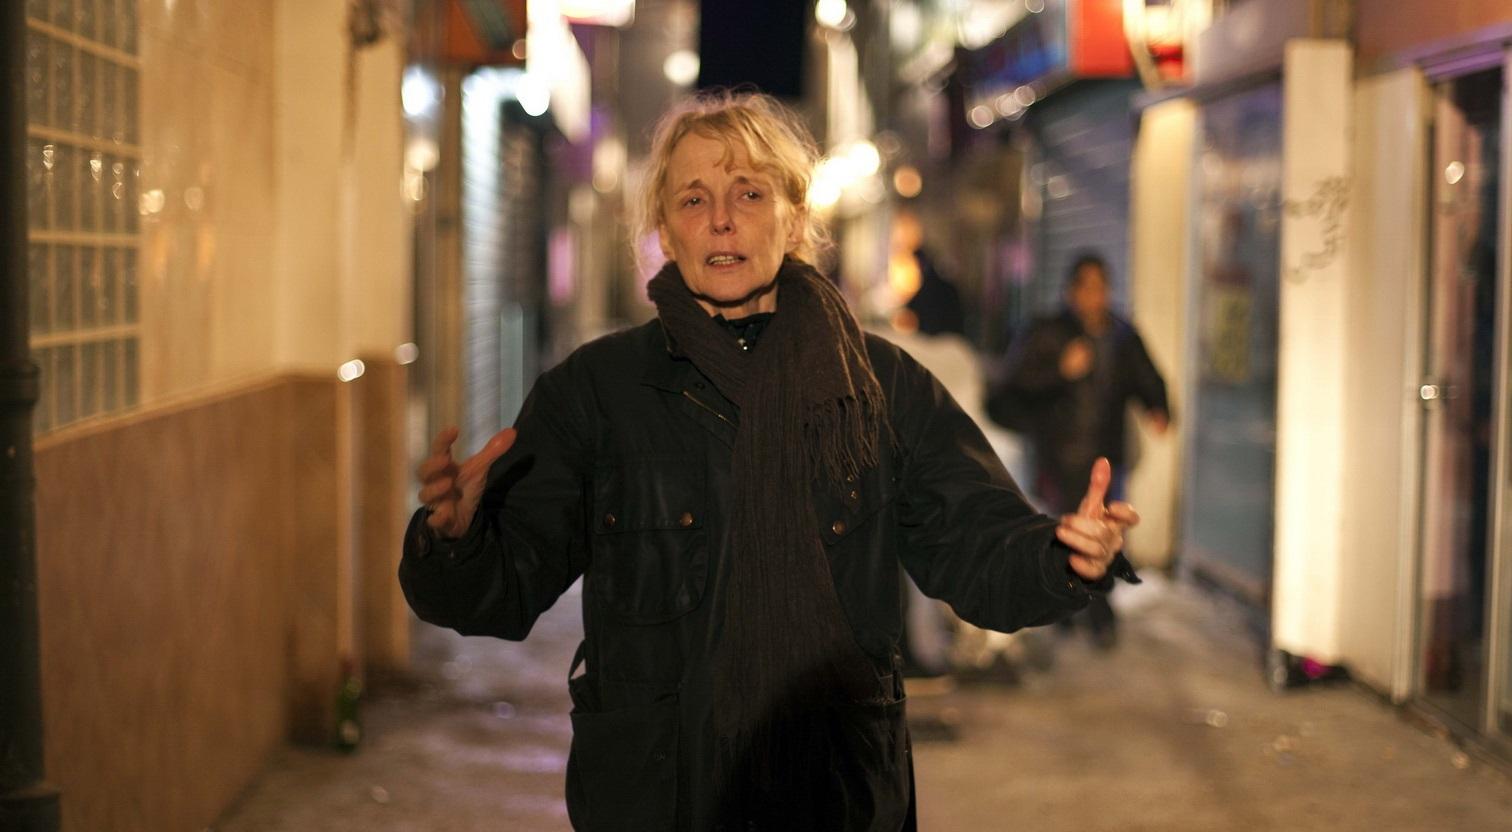 Významná režisérka Claire Denis navštívi Prahu